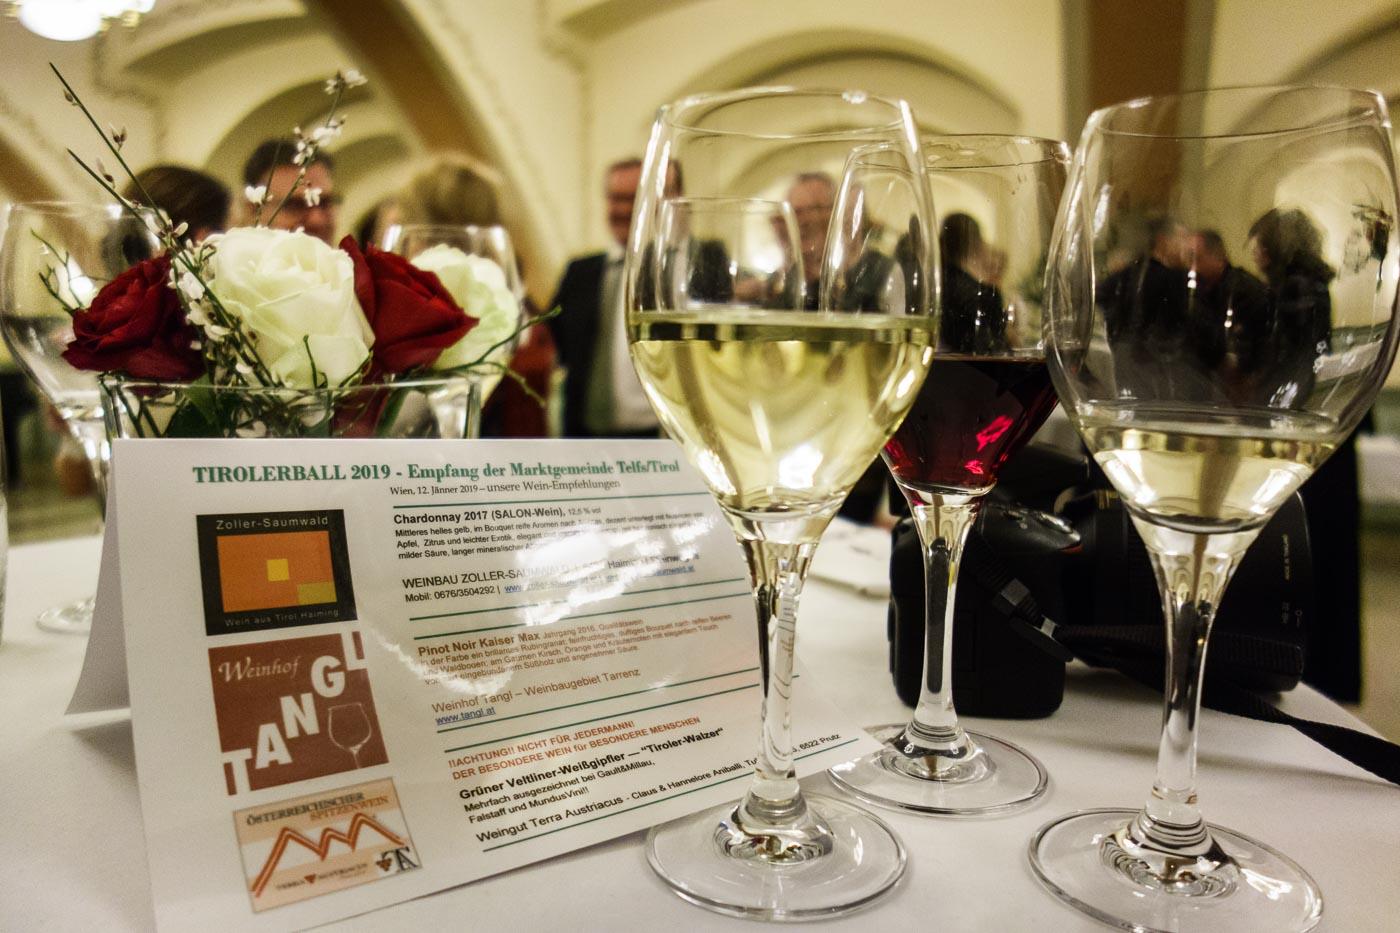 Tiroler Wein beim Tirolerball in Wien / 2019 01 12